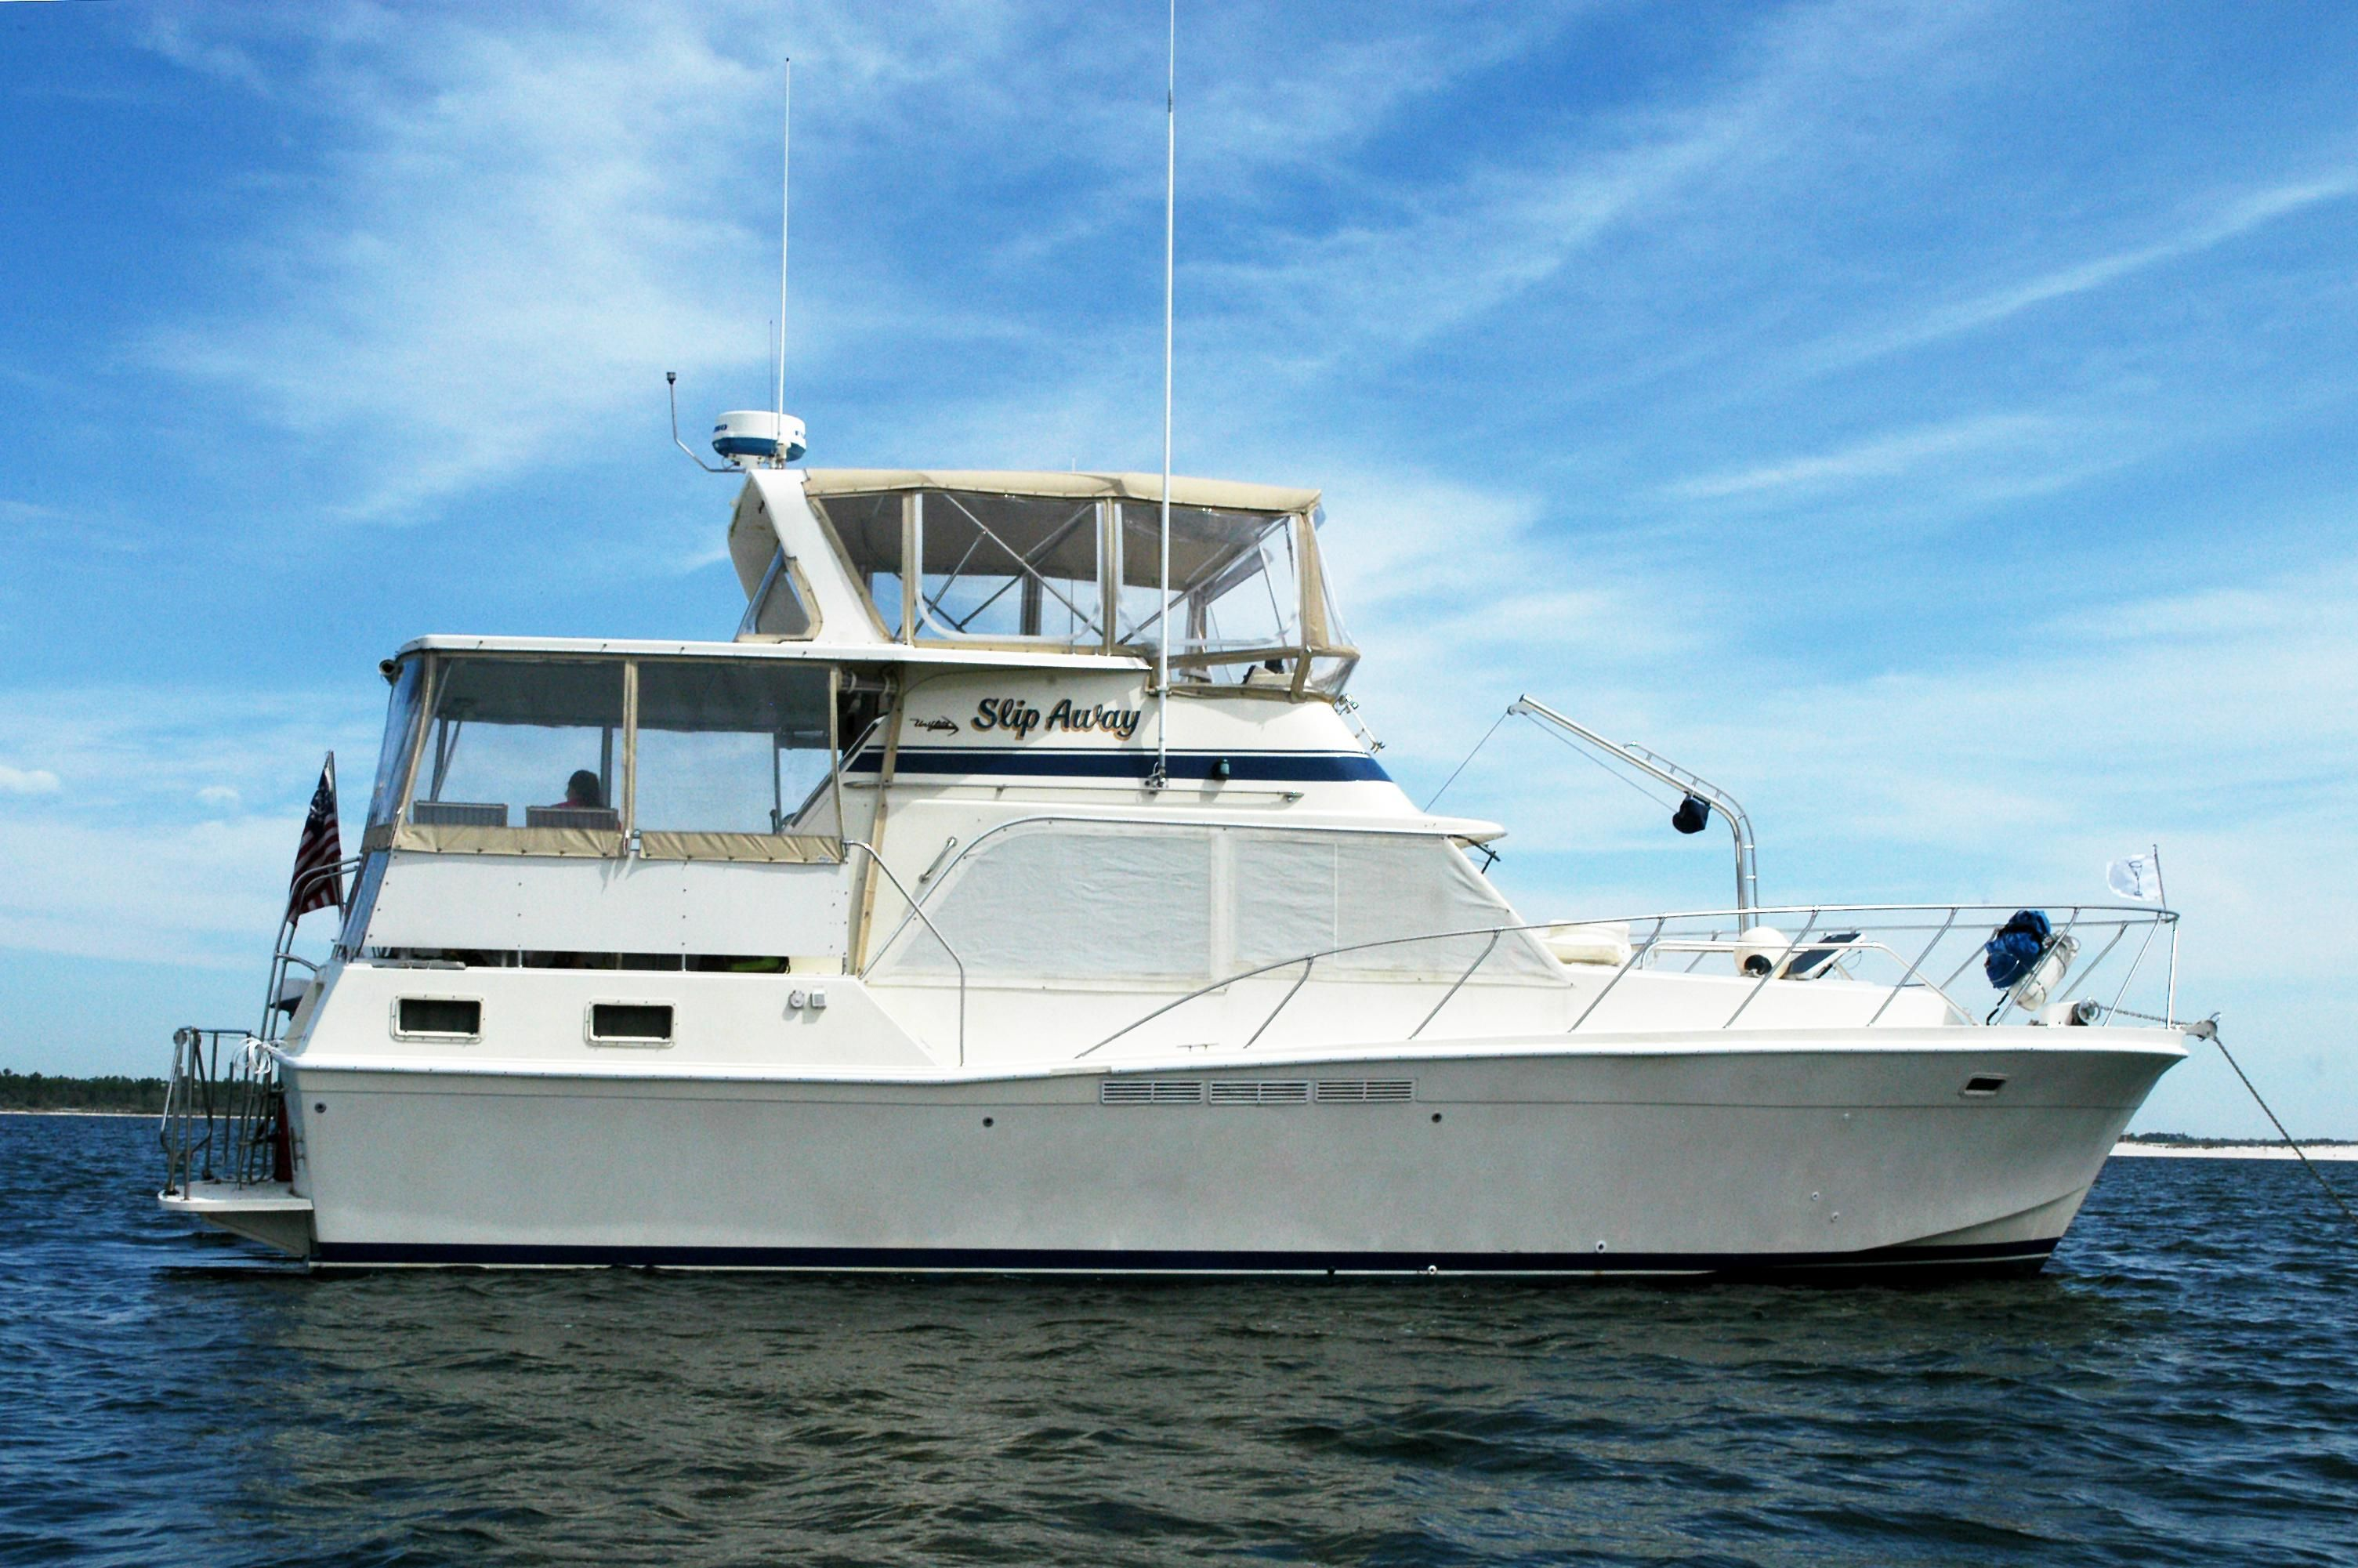 1984 Uniflite Double Cabin Power Boat For Sale Www Yachtworld Com